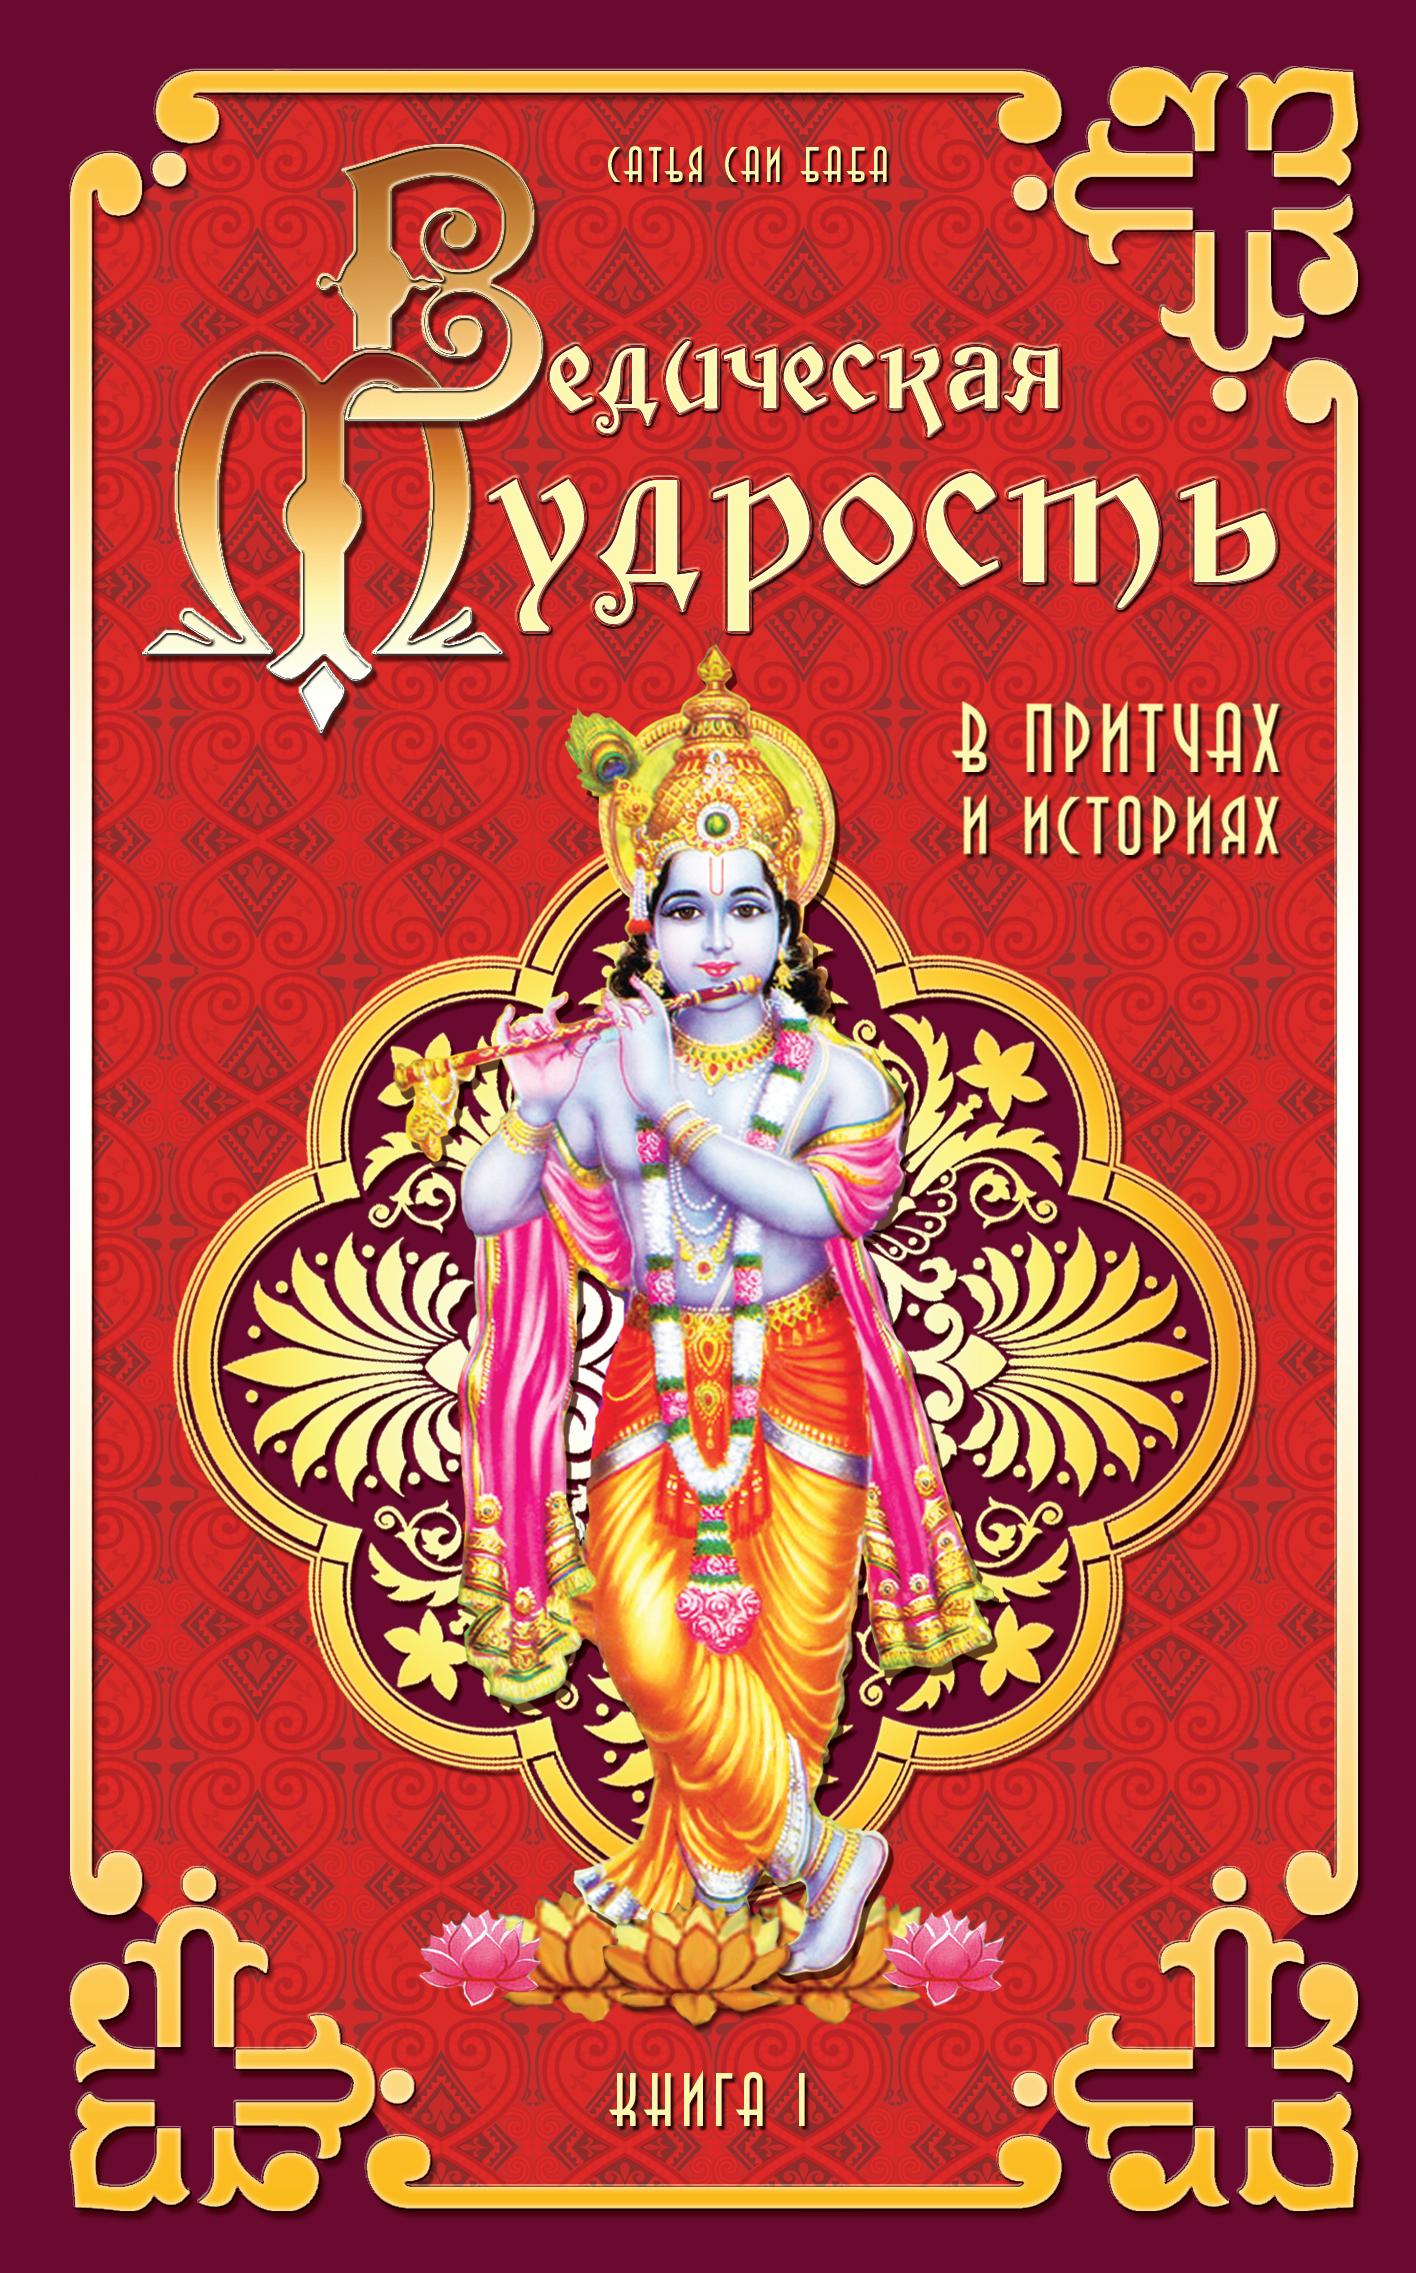 Ведическая мудрость в притчах и историях. Кн.1. 4-е изд.